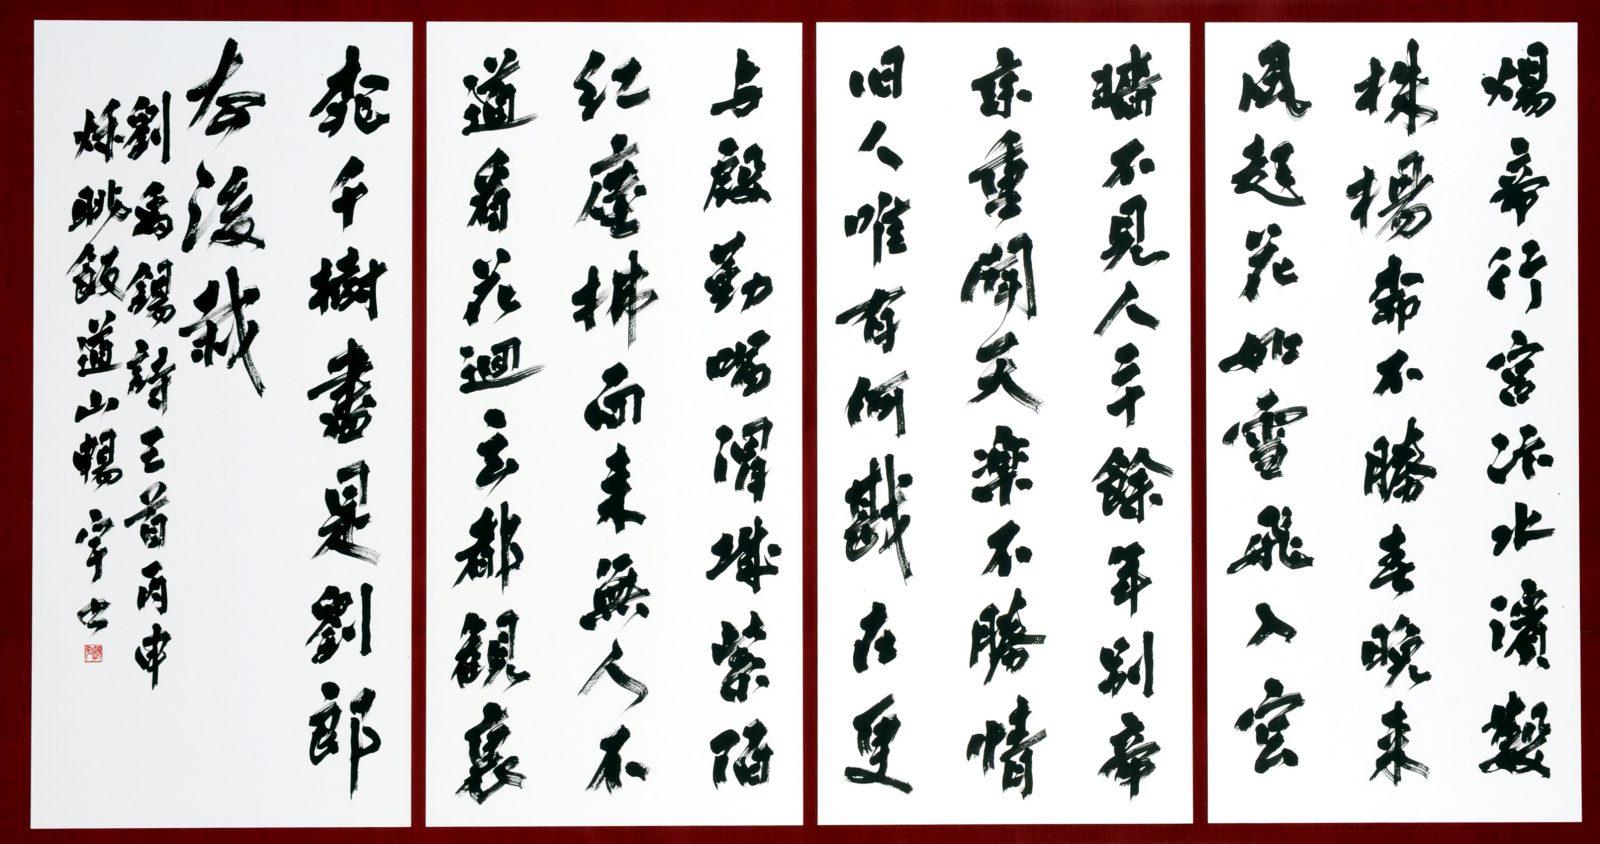 第70回滋賀県美術展覧会(書の部)特選「劉禹錫詩」